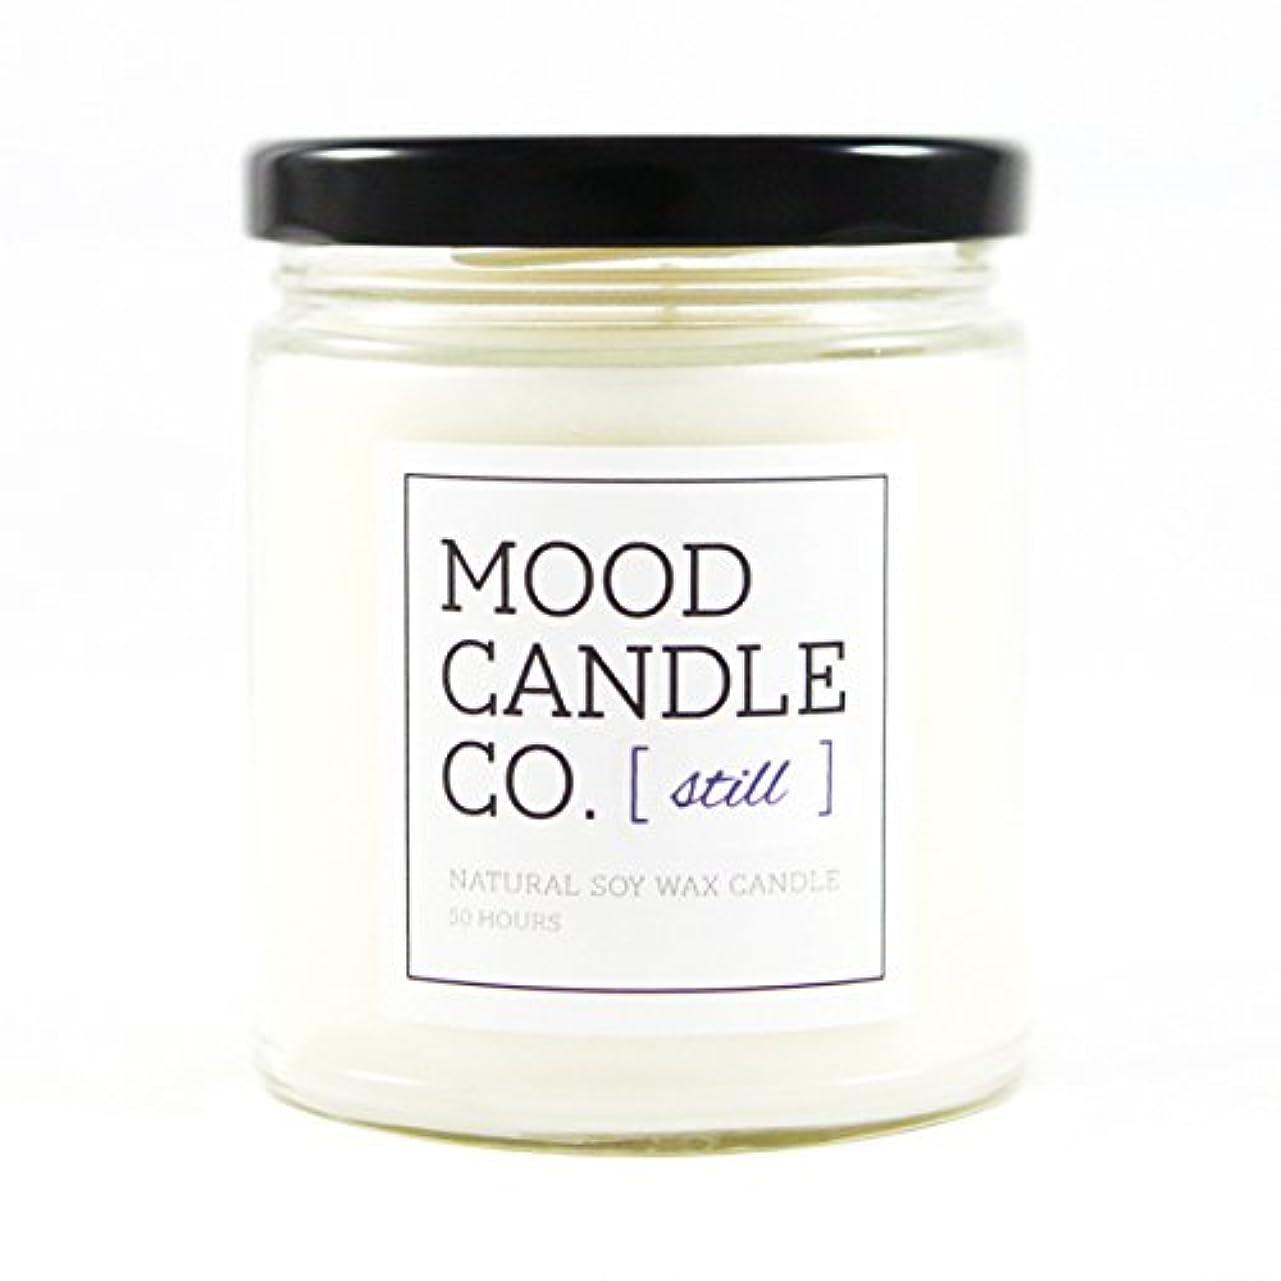 潜水艦金銭的大声で自然Soy Candle、50時間、Great for Aromatherapy、ヨガ、瞑想、非毒性、by Mood Candle Co。 50 HOURS ホワイト